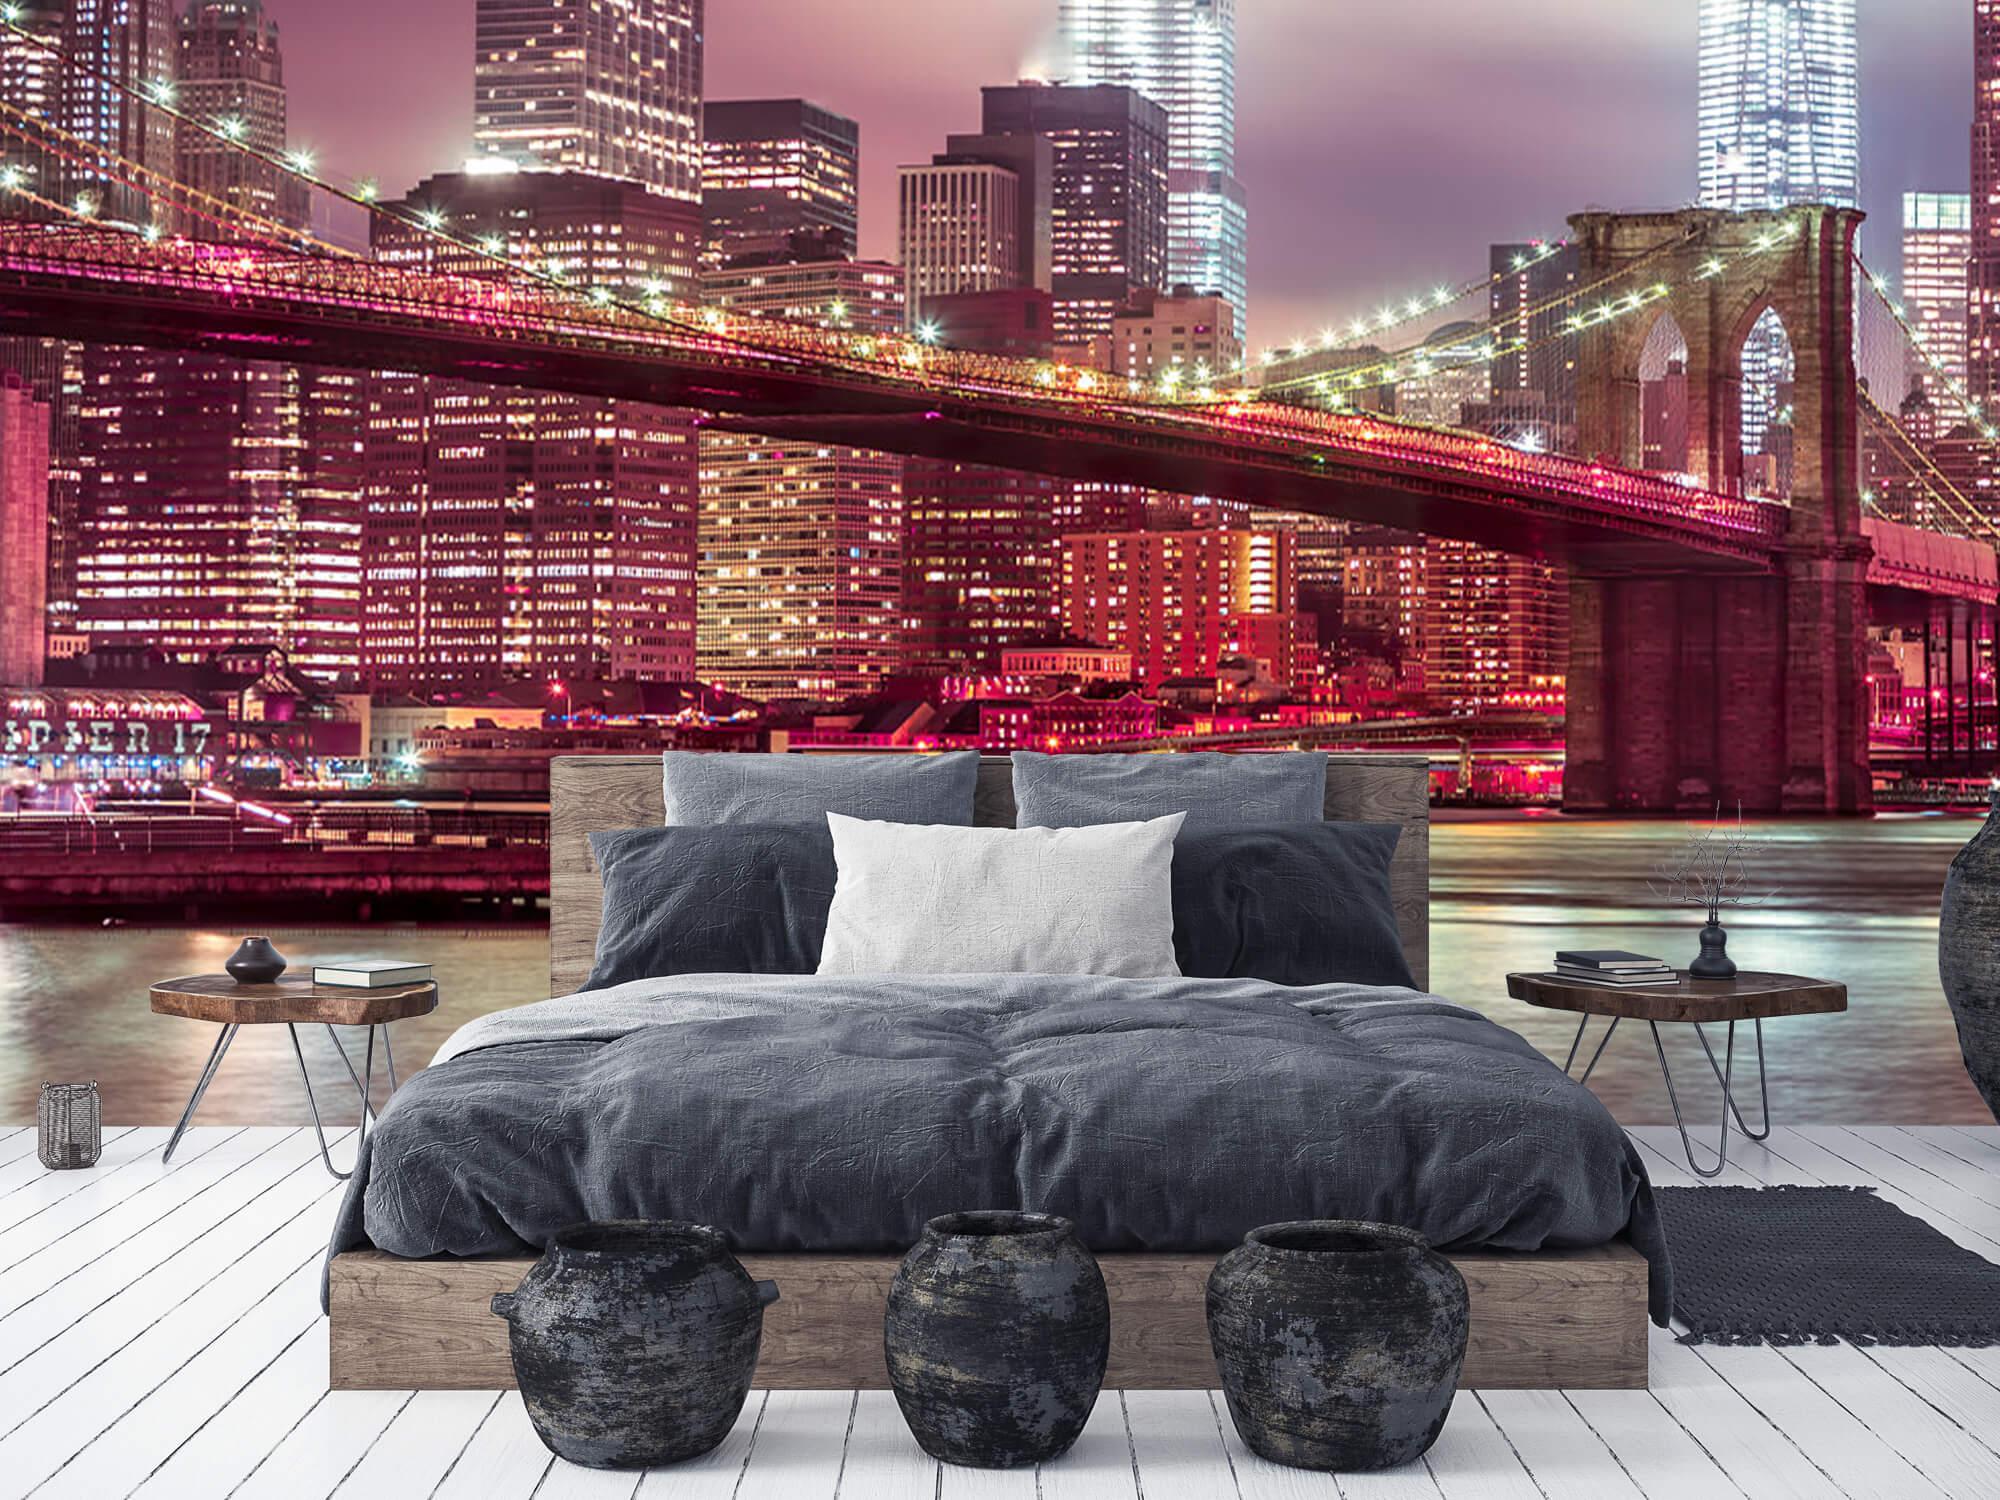 Soirée à Manhattan 7